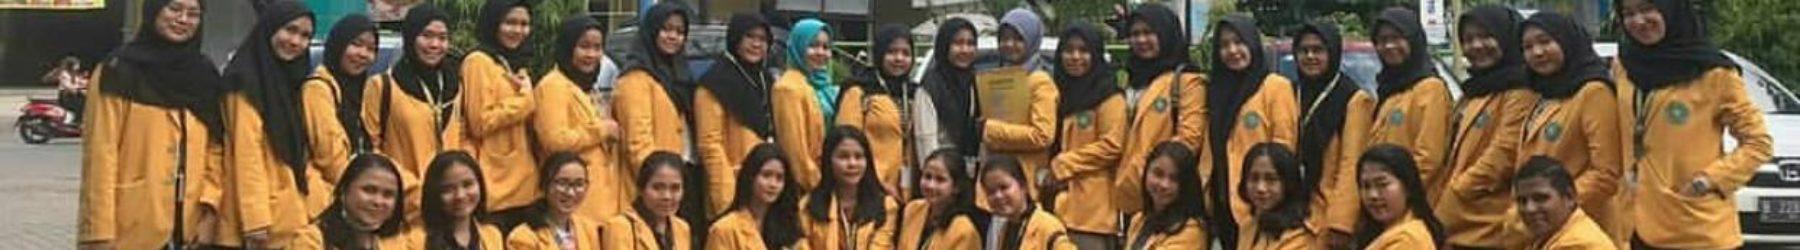 Sarjana Kebidanan dan Pendidikan Profesi Bidan